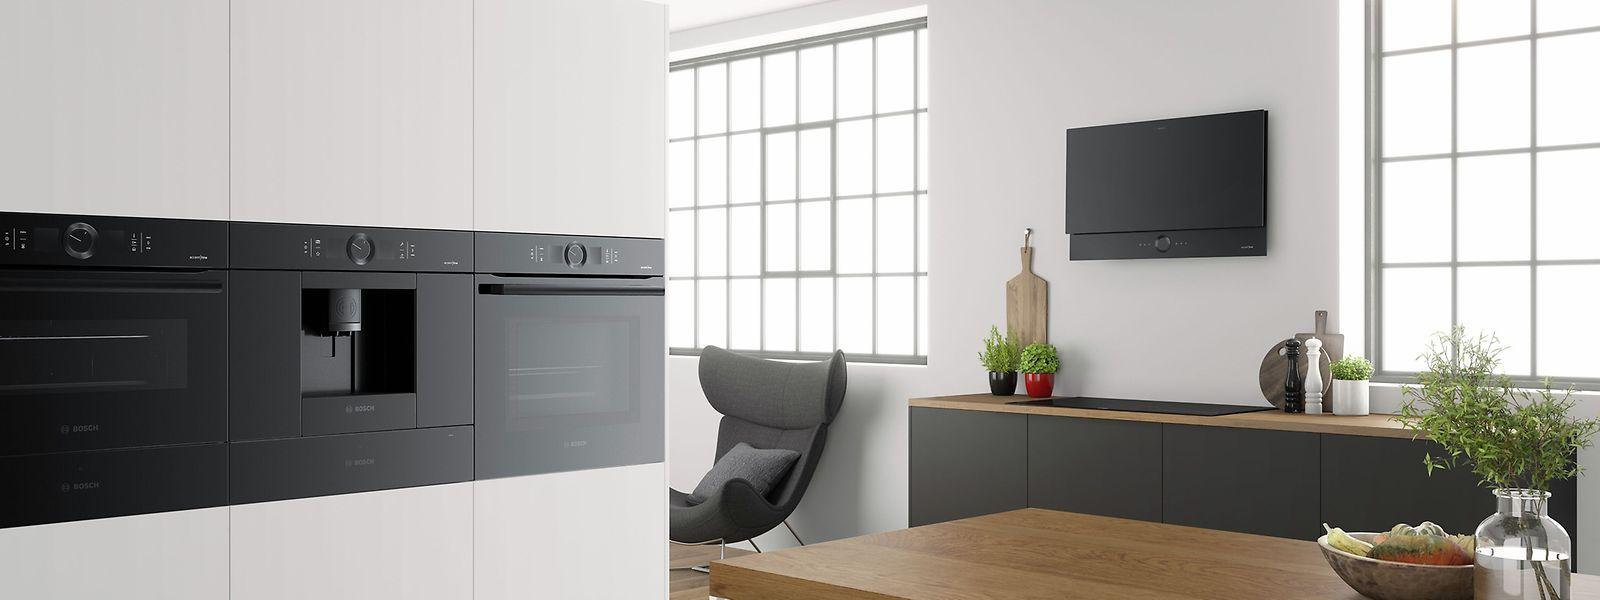 """Bosch stellt auf der IFA 2018 eine neue Serie von komplett schwarzen Einbaugeräten mit dem Namen """"accent line carbon blac"""" vor."""